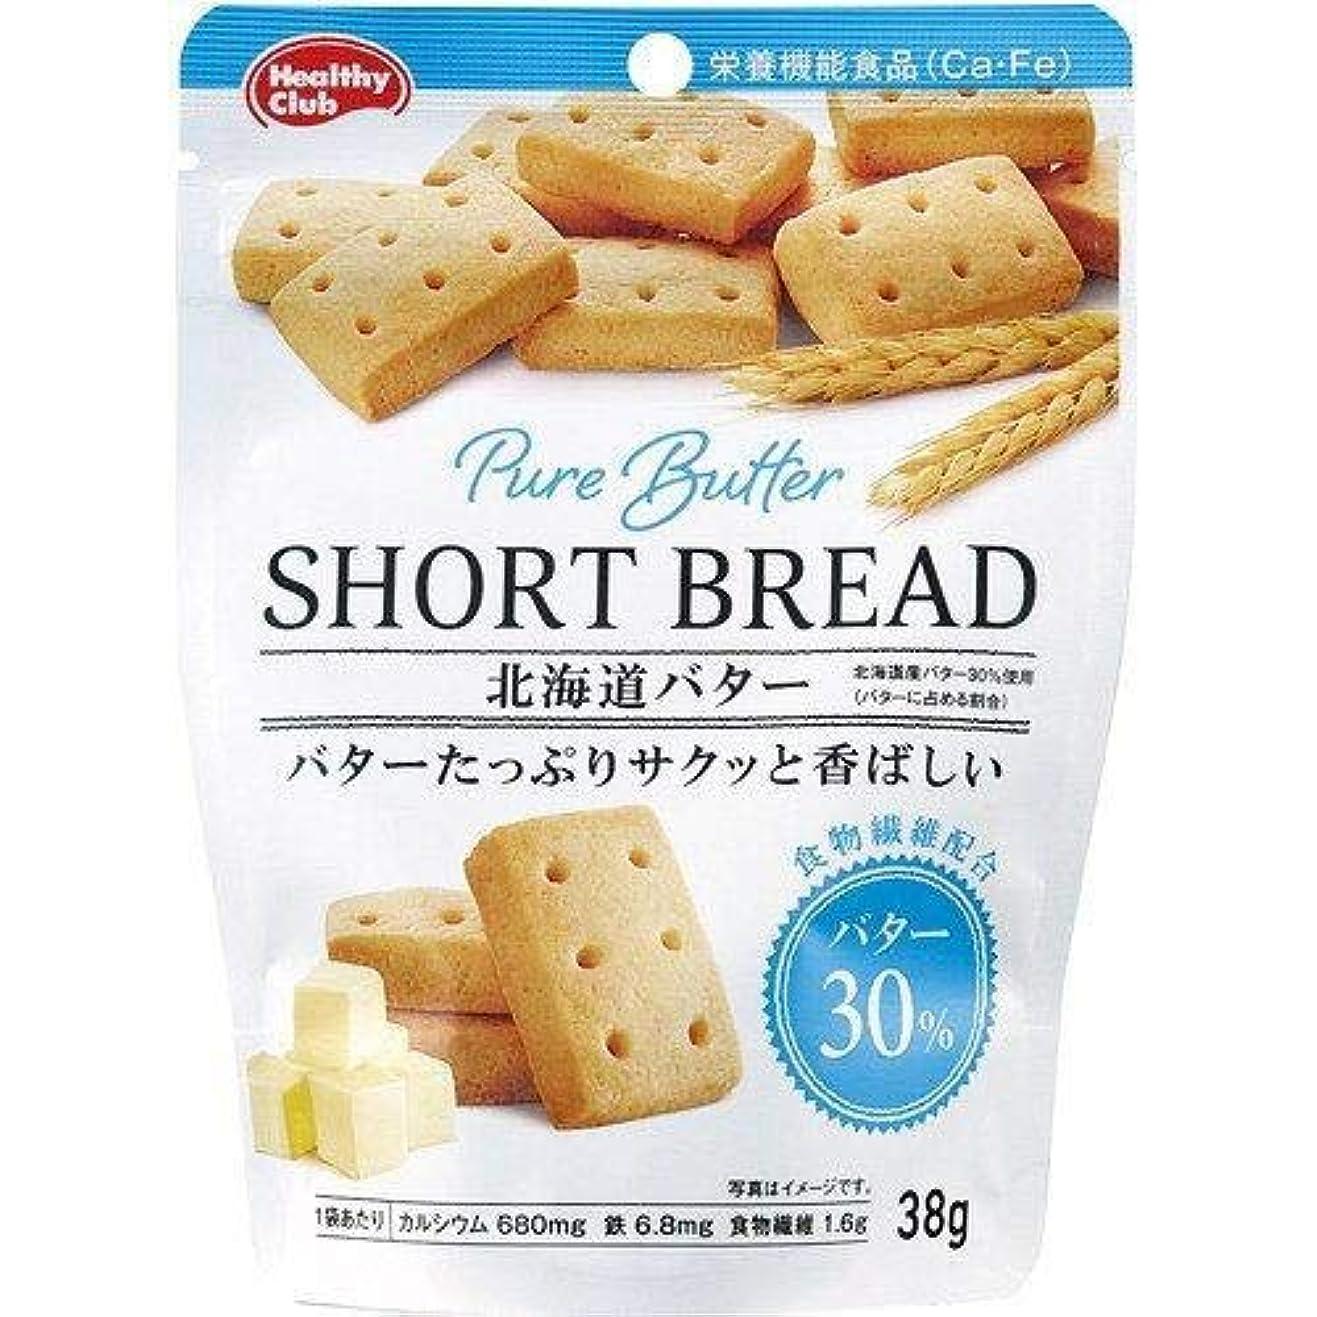 翻訳するほうきリテラシーハマダコンフェクト ショートブレッド 北海道バター 38g